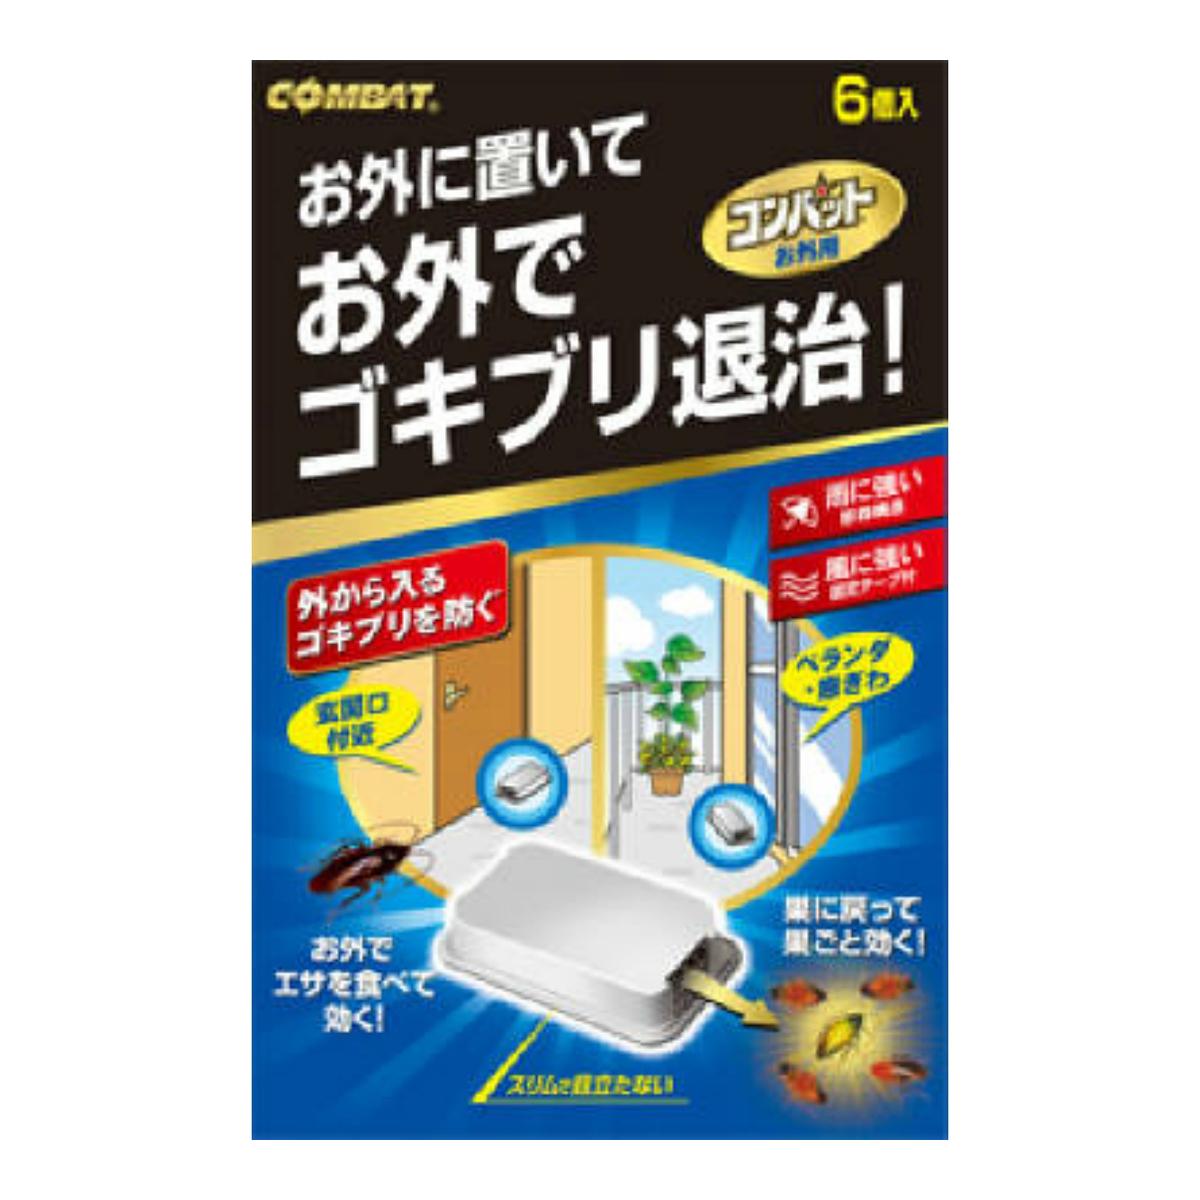 【送料無料】大日本除虫菊 コンバット お外用 6個入×40点セット まとめ買い特価! 医薬部外品 ( 殺虫剤 ゴキブリ用 ) 屋内でも使えます ( 4987115350304 )